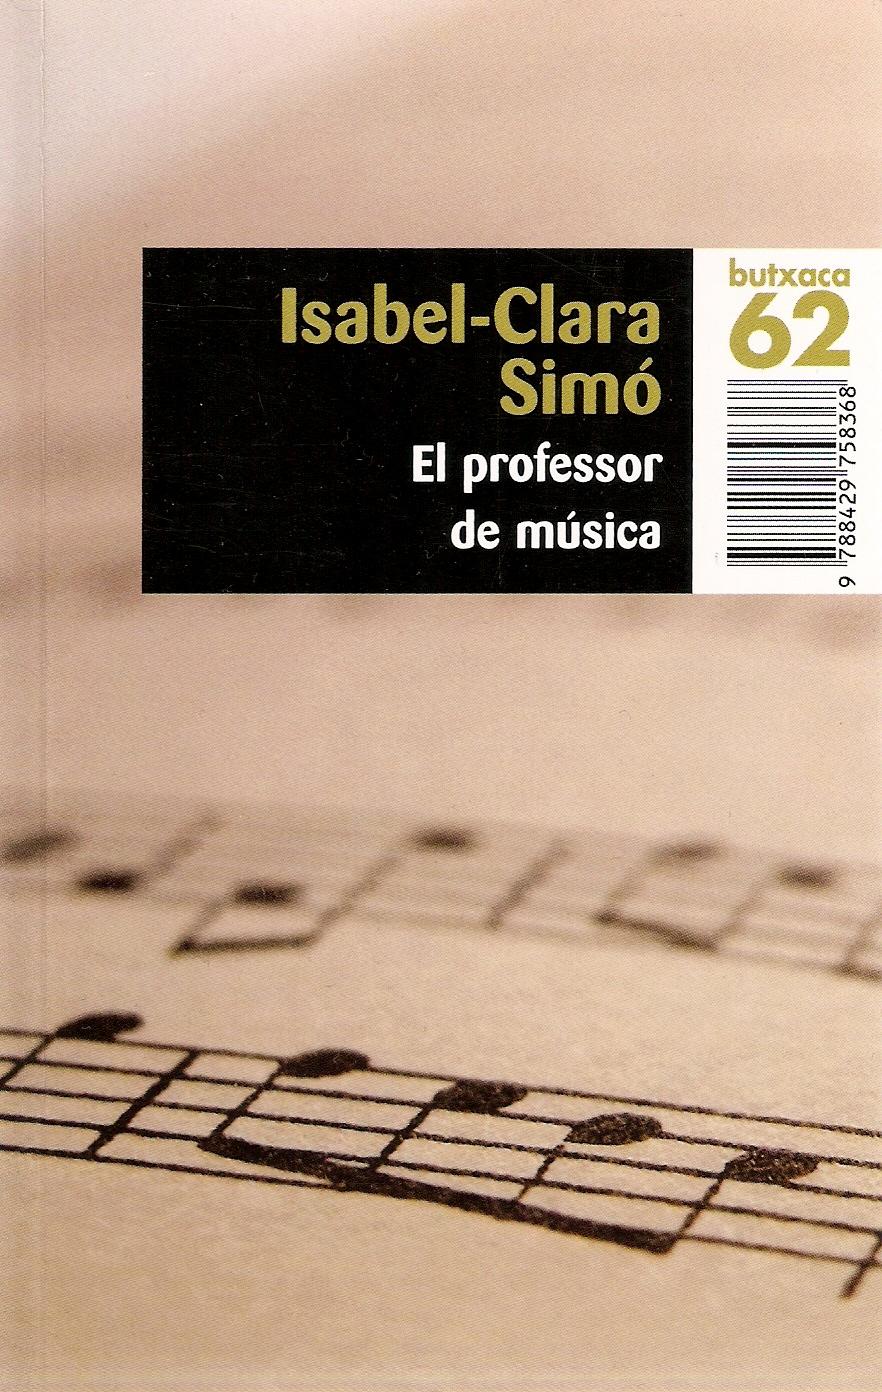 El professor de música